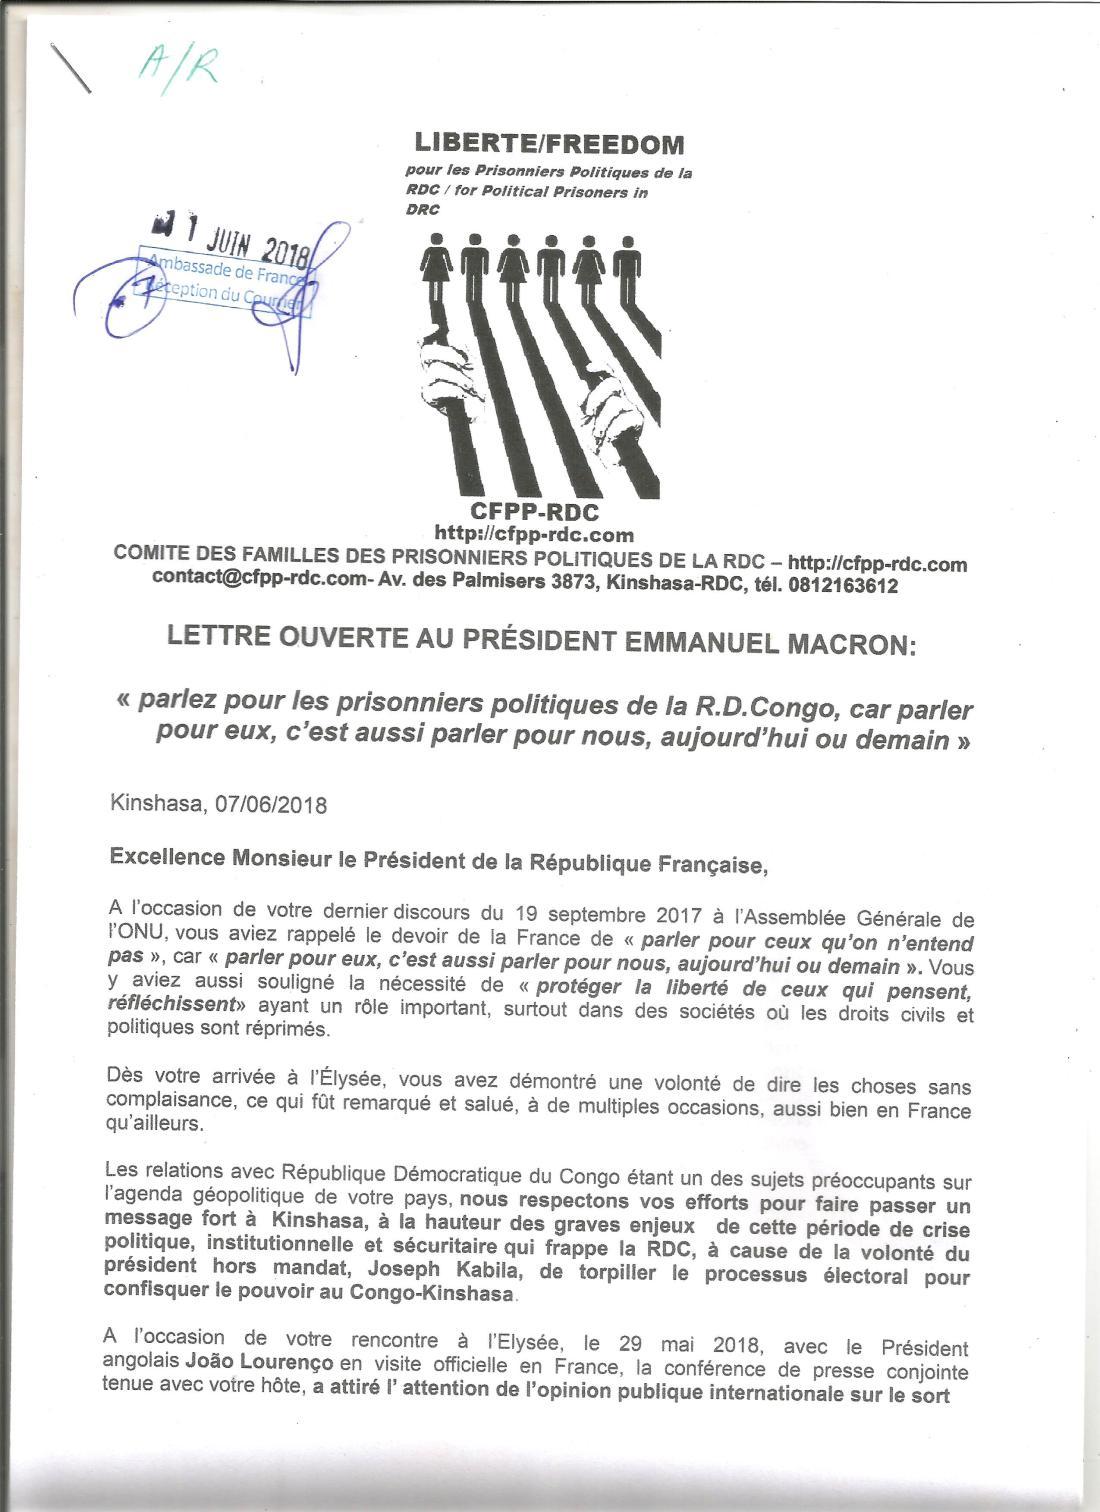 lettre ouverte au président Macron -A.R 40001